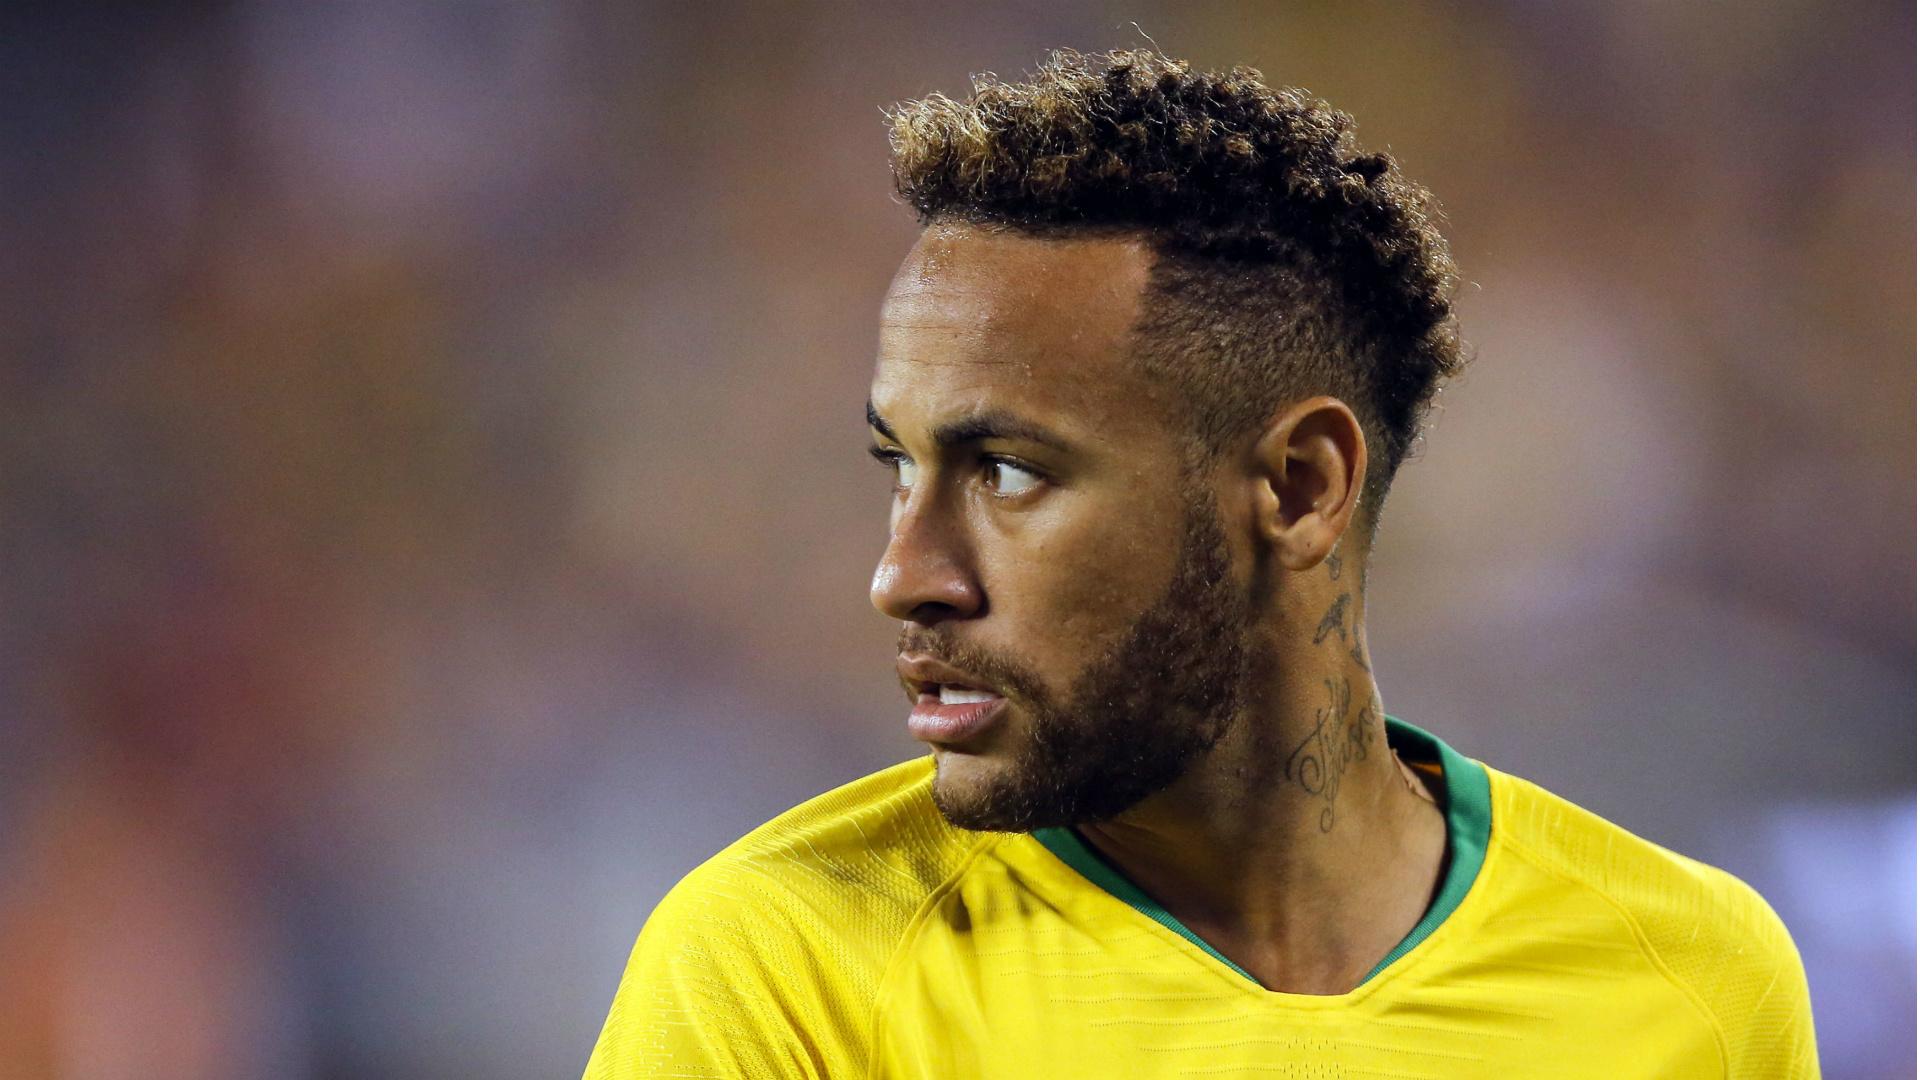 Brésil - Plus de peur que de mal pour Neymar